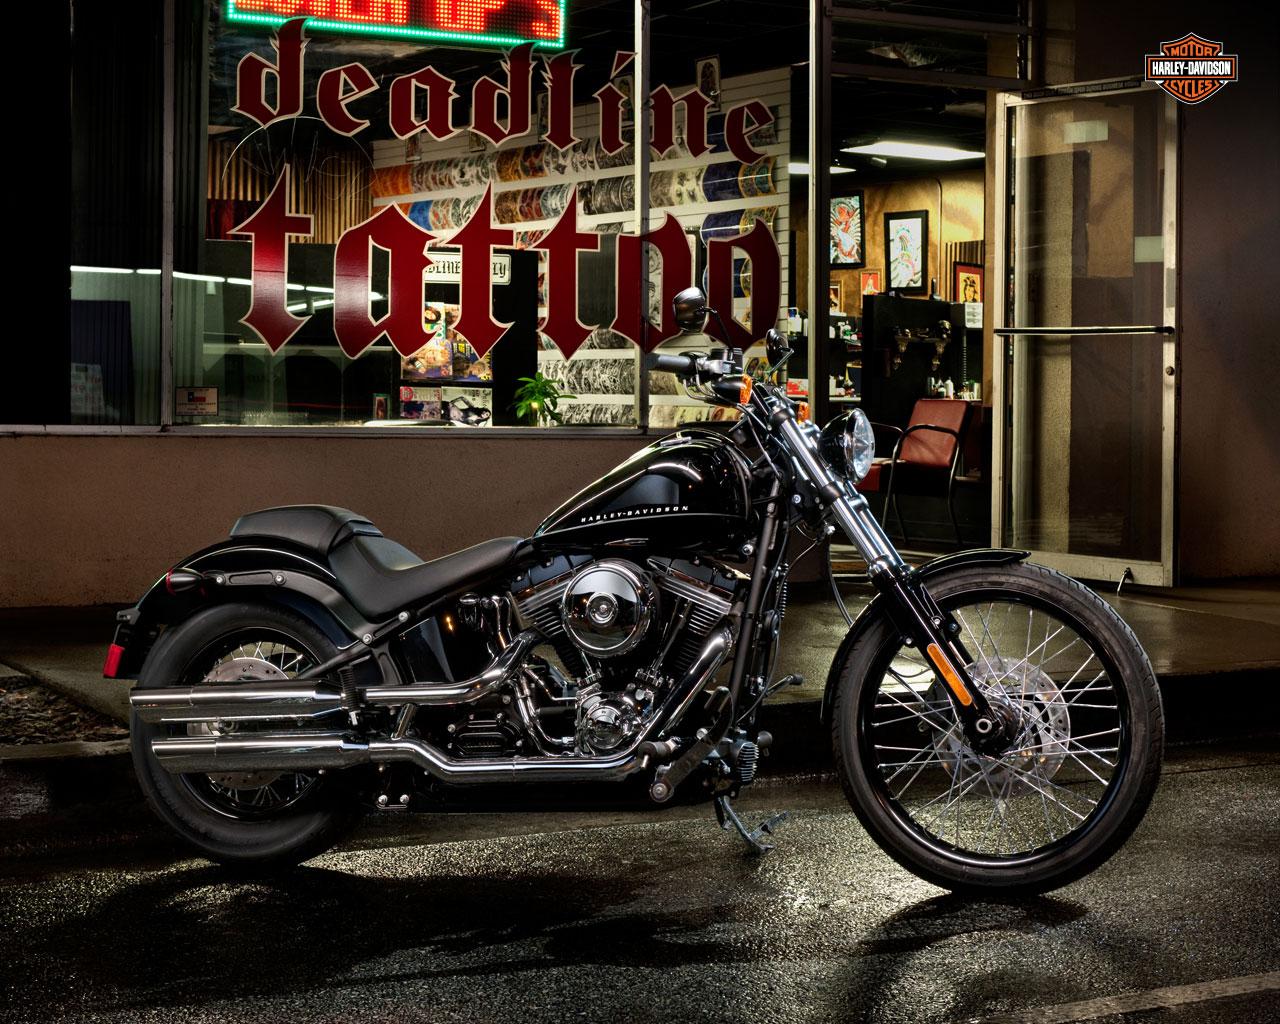 Free Download Desktop Backgrounds Harley Davidson Wallpapers